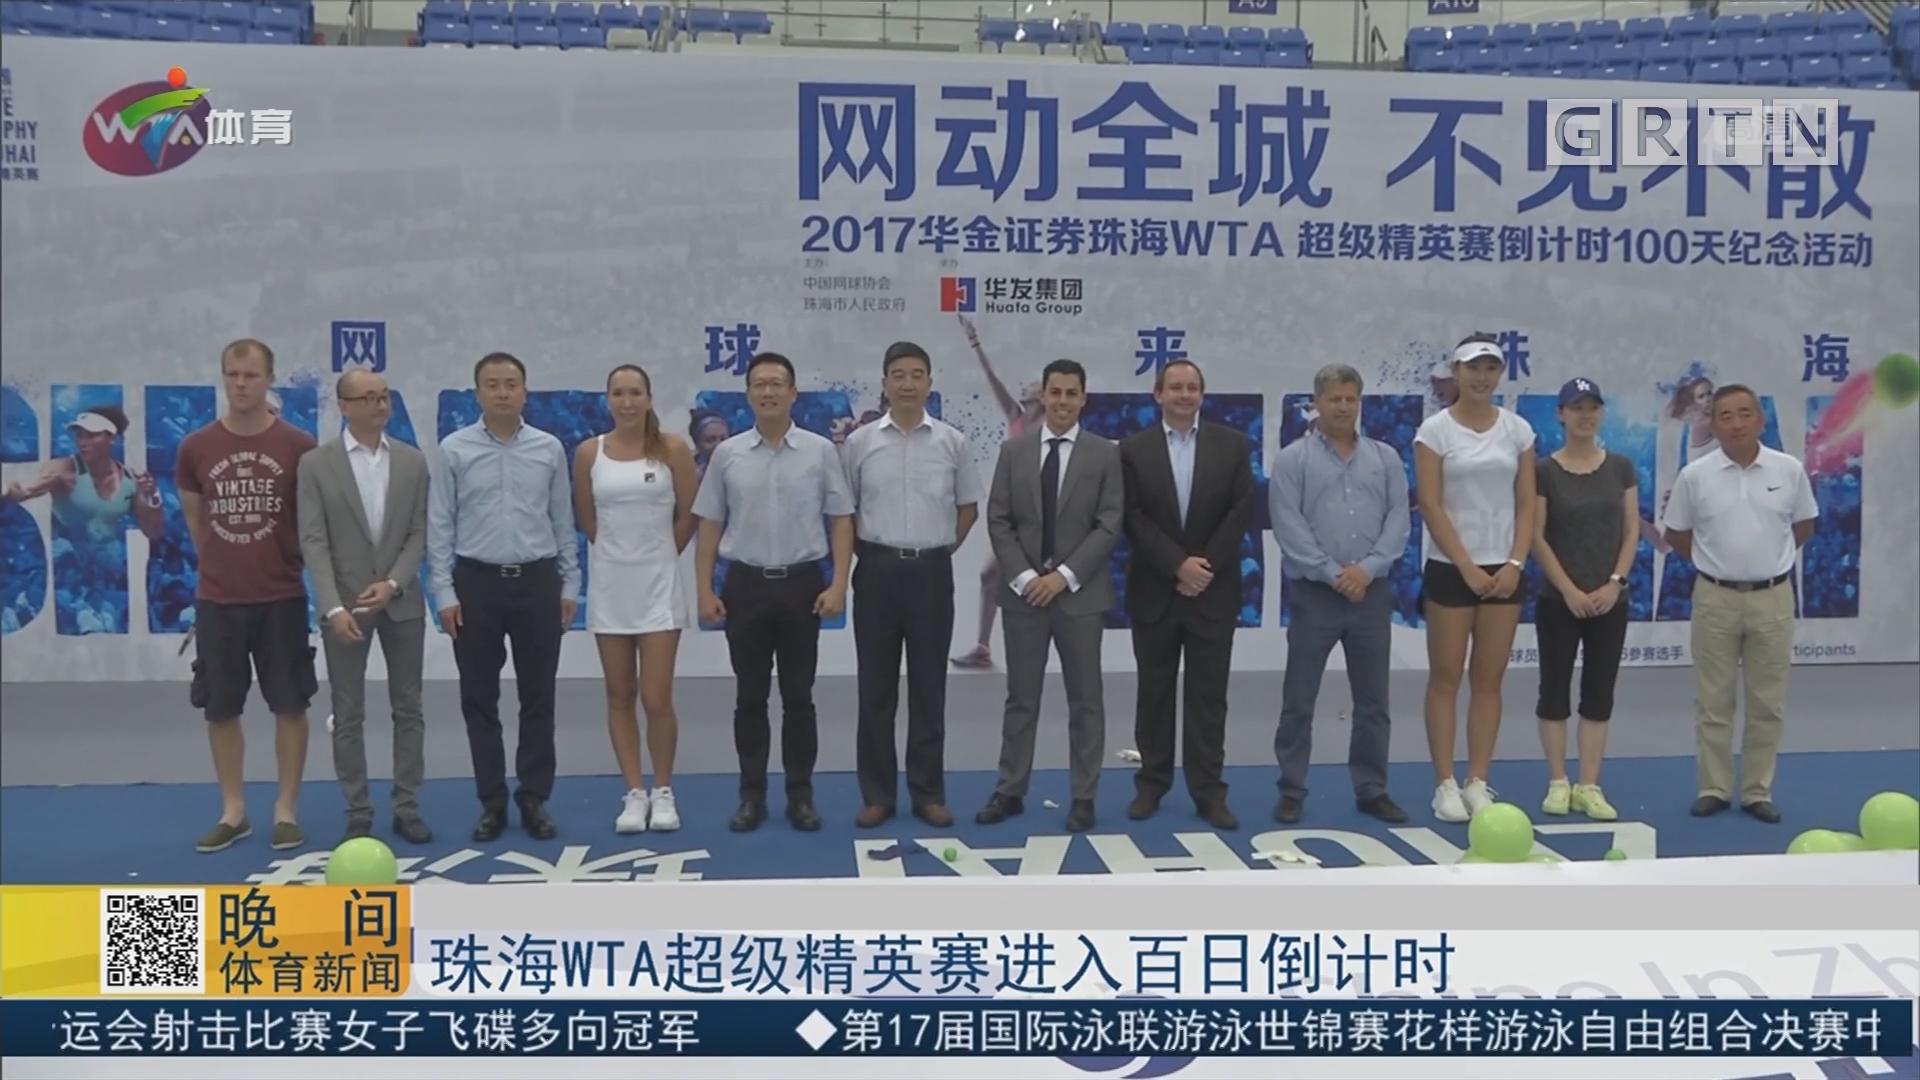 珠海WTA超级精英赛进入百日倒计时